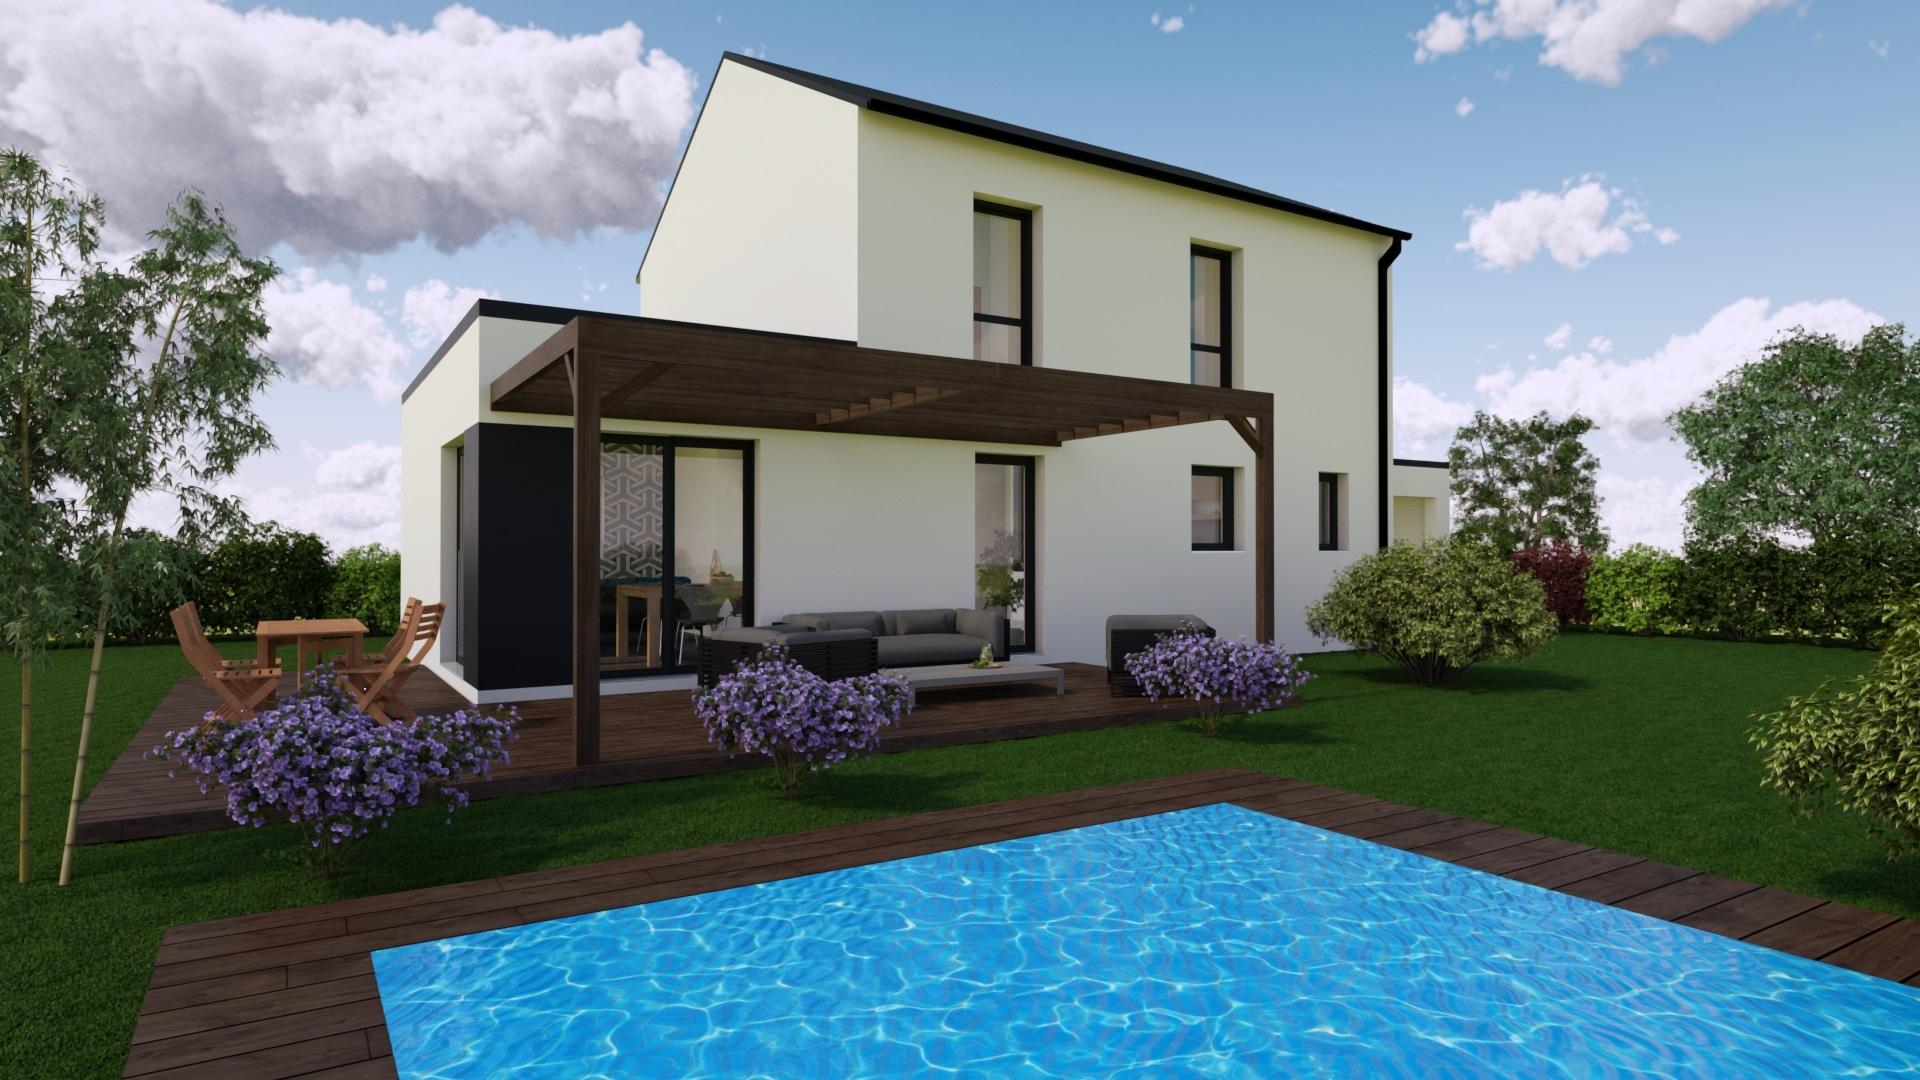 Plan Maison 110m2 Avec Etage Nantes 44 Mf Construction